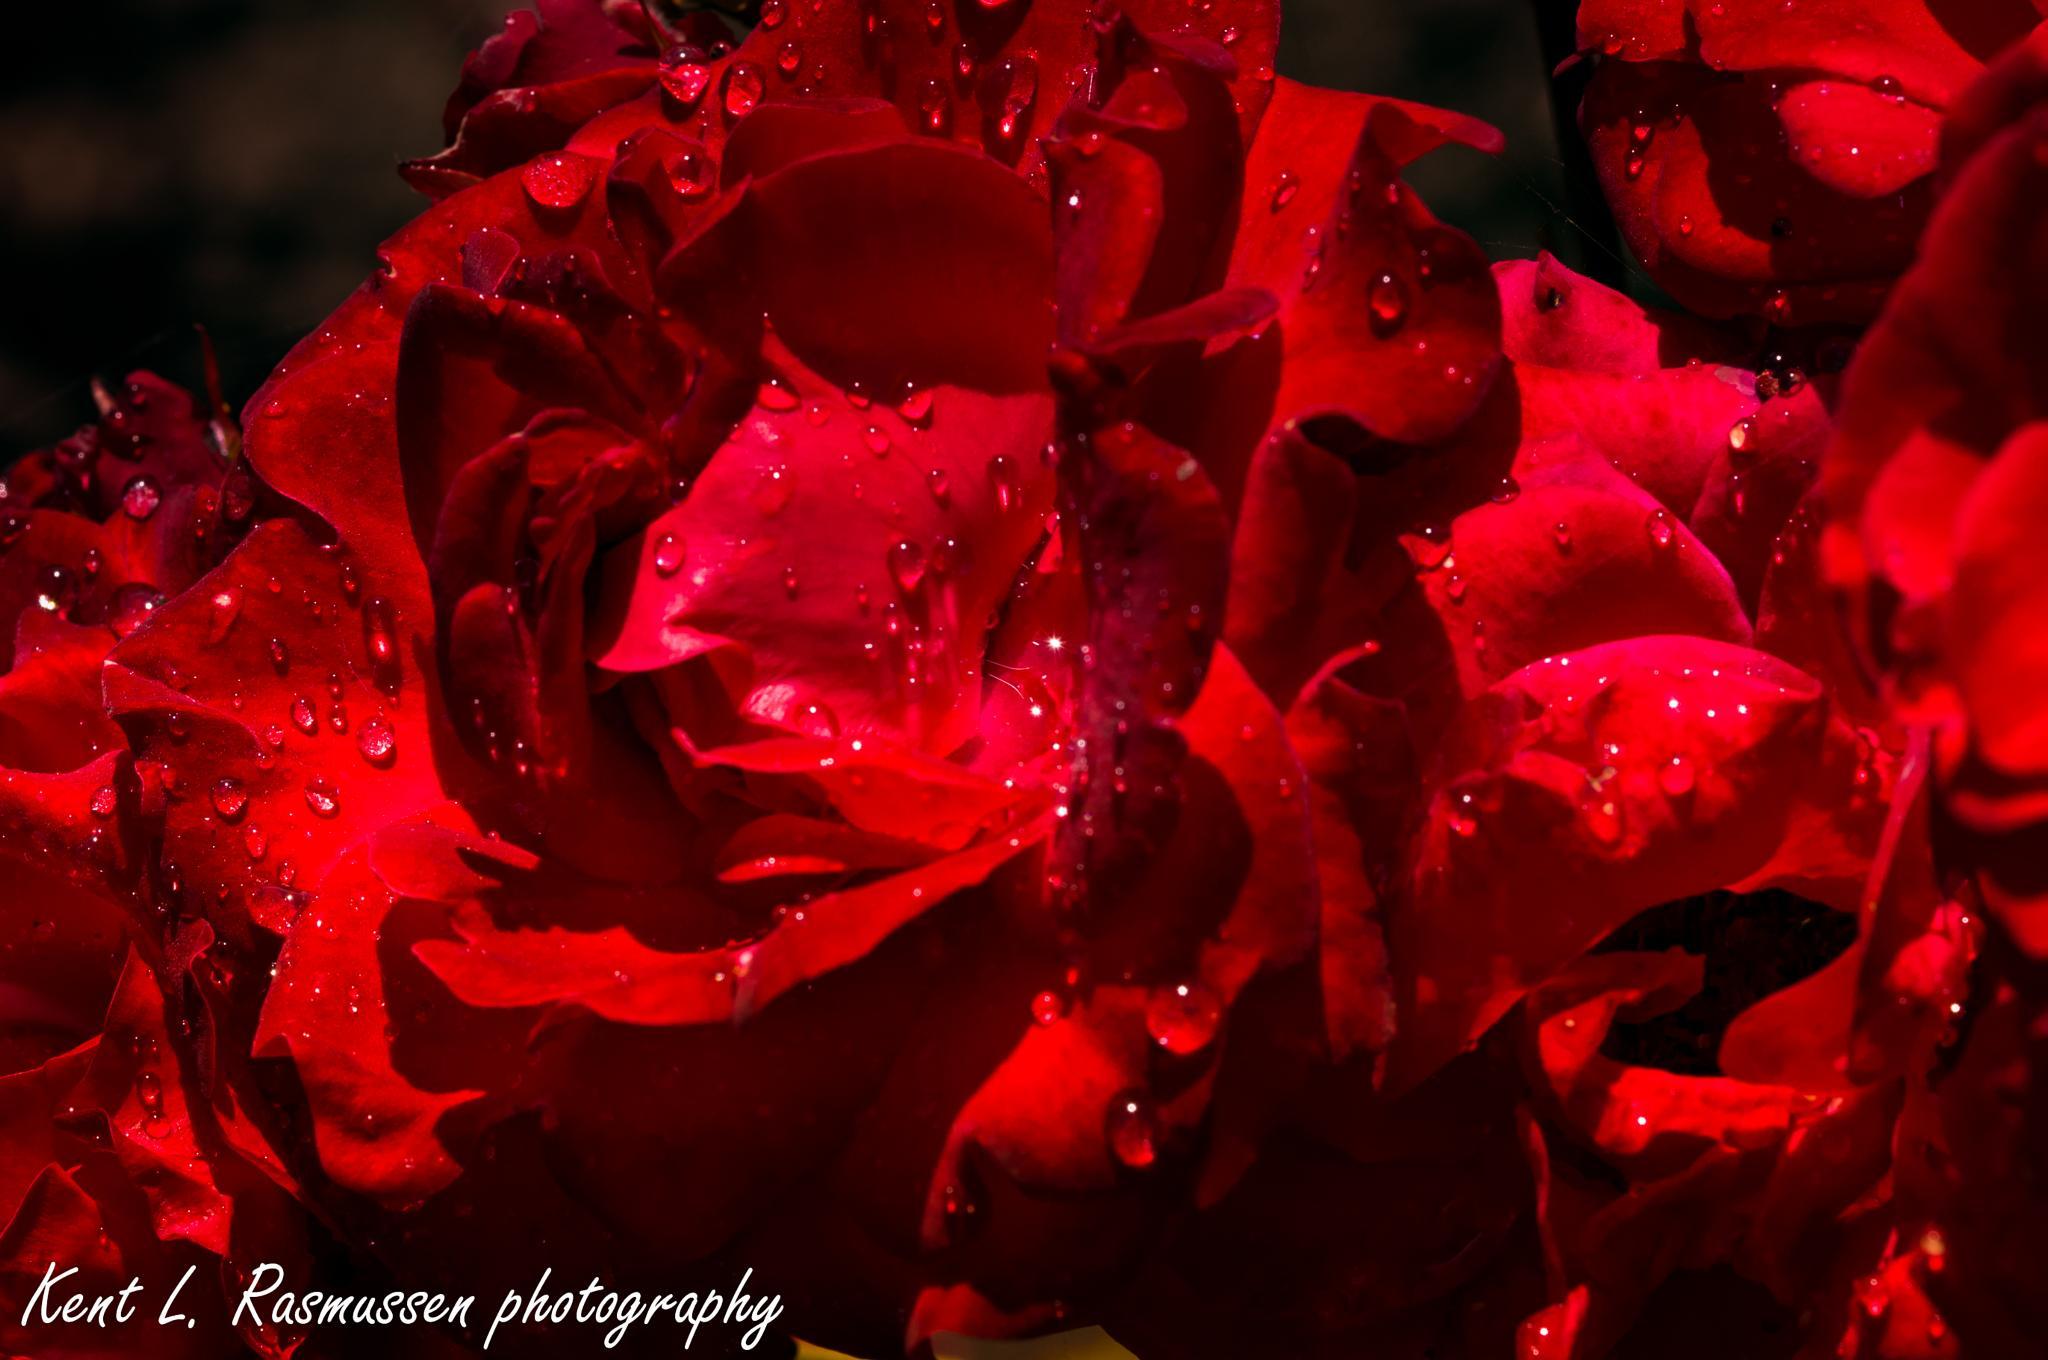 Wet darkred rose by Kent L. Rasmussen